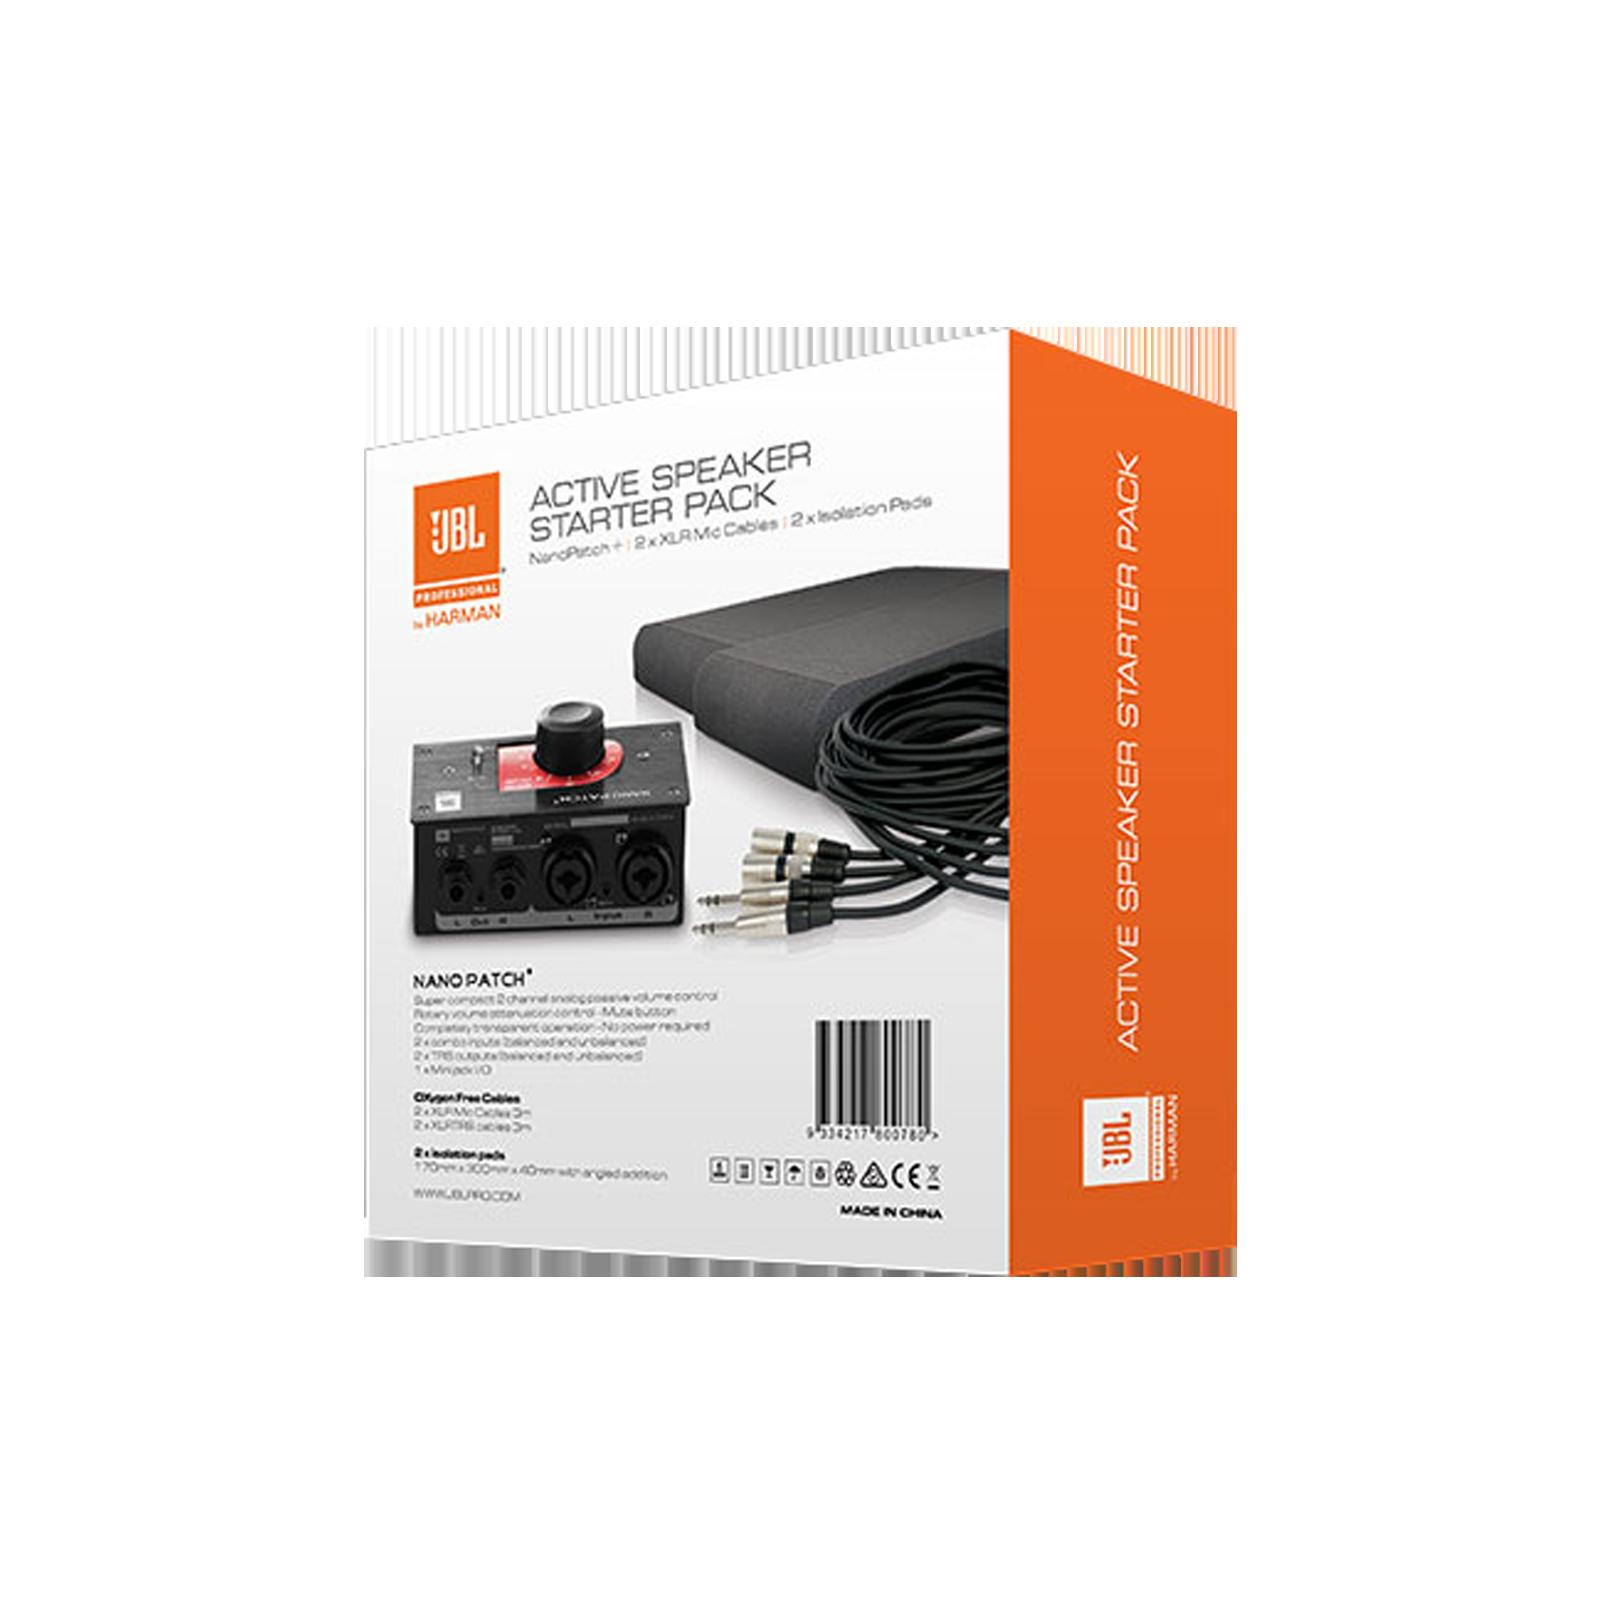 JBL Active Speaker Starter Set - Black - Studio Monitor Enhancement Pack - Back